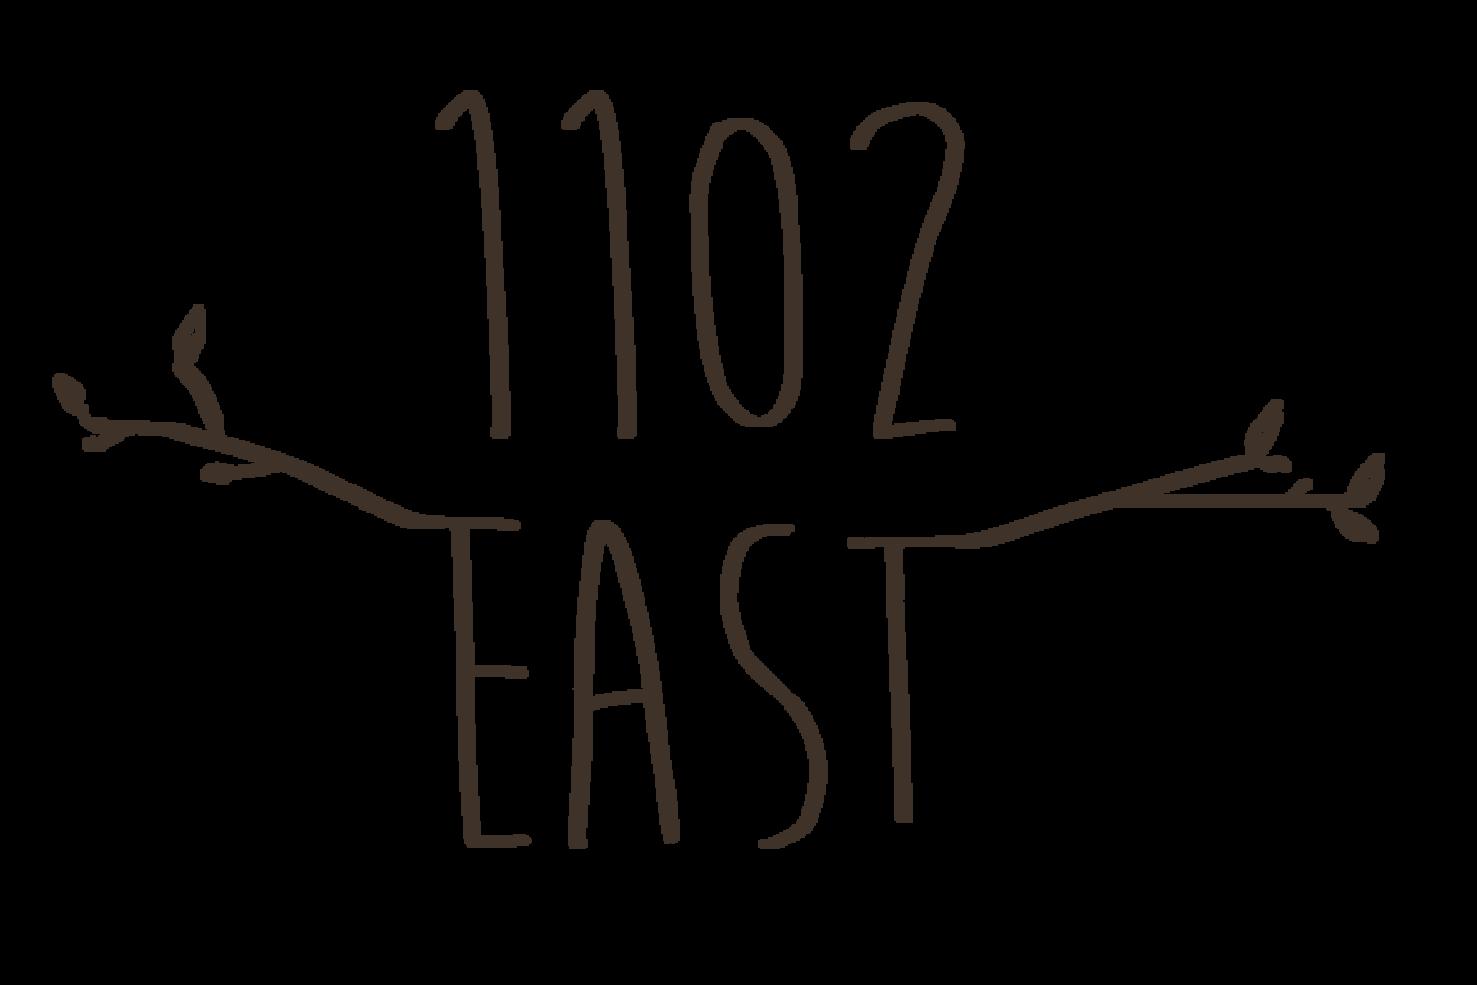 Bạn có biết dòng sim đặc biệt 1102 mang đến ấn tượng gì không?